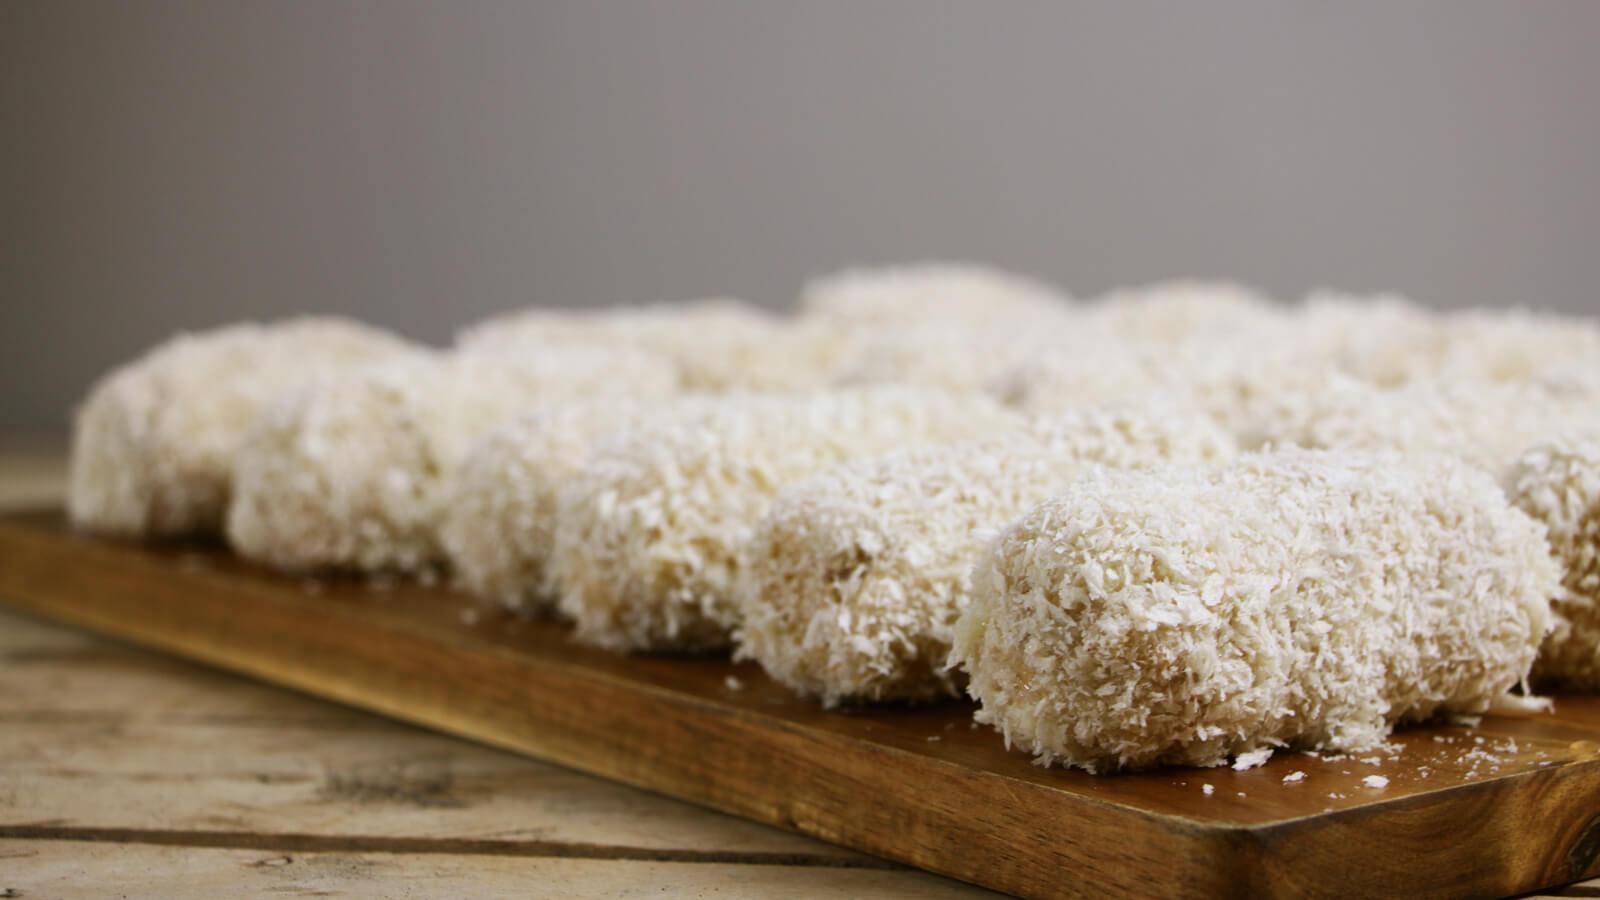 Op zoek naar een leuk recept om zelf kroketten te maken? Deze pulled chicken kroketten zijn te gek!